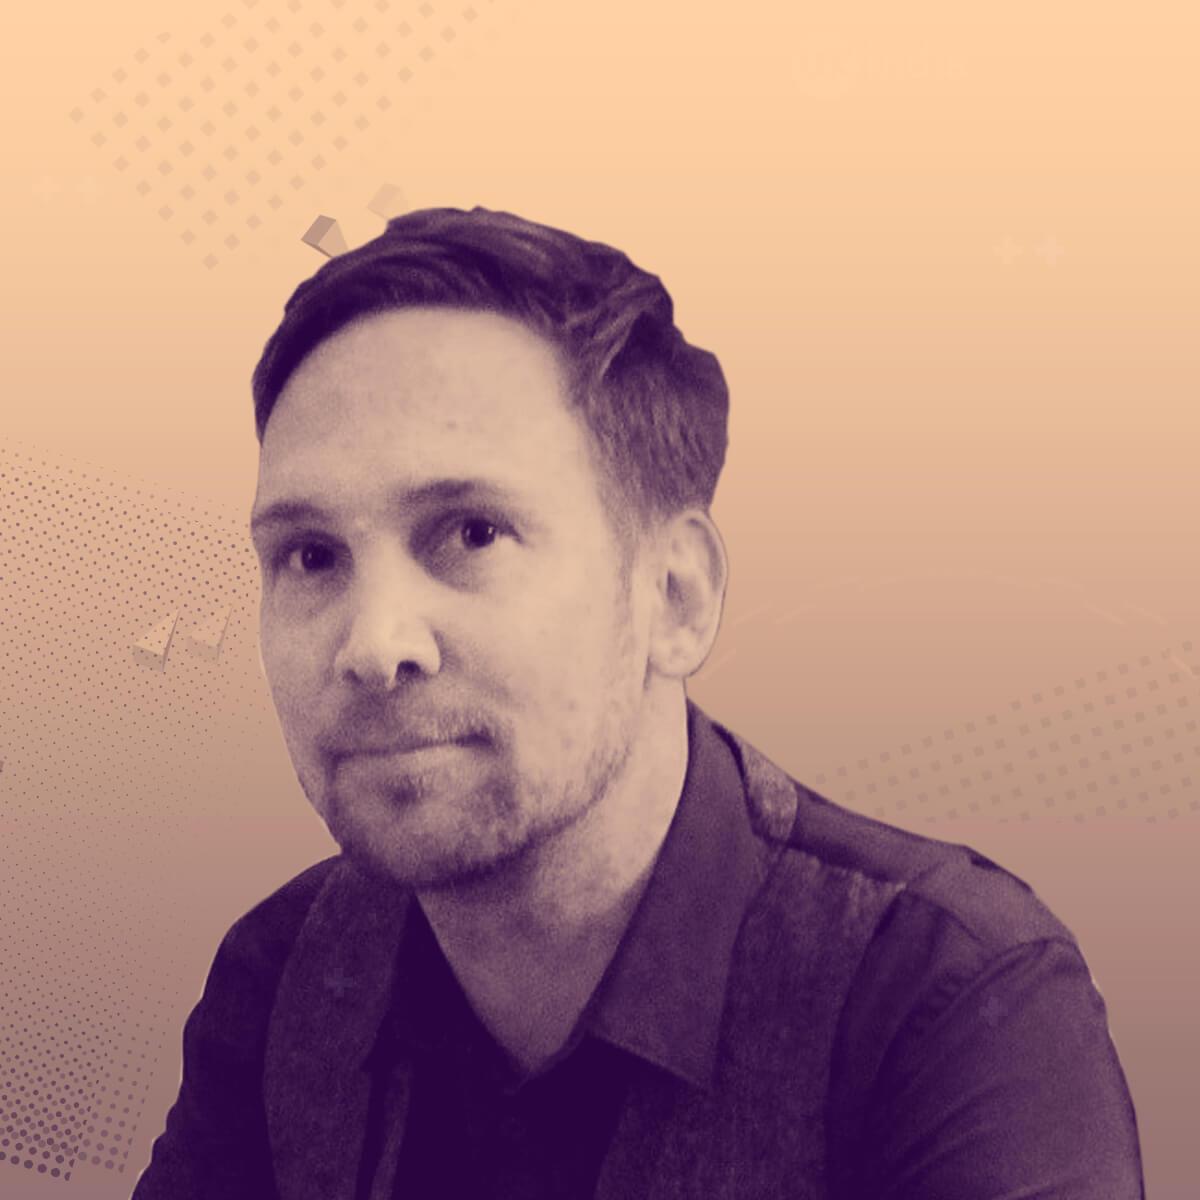 UXINDIA 18 Speaker, Tim Kolke